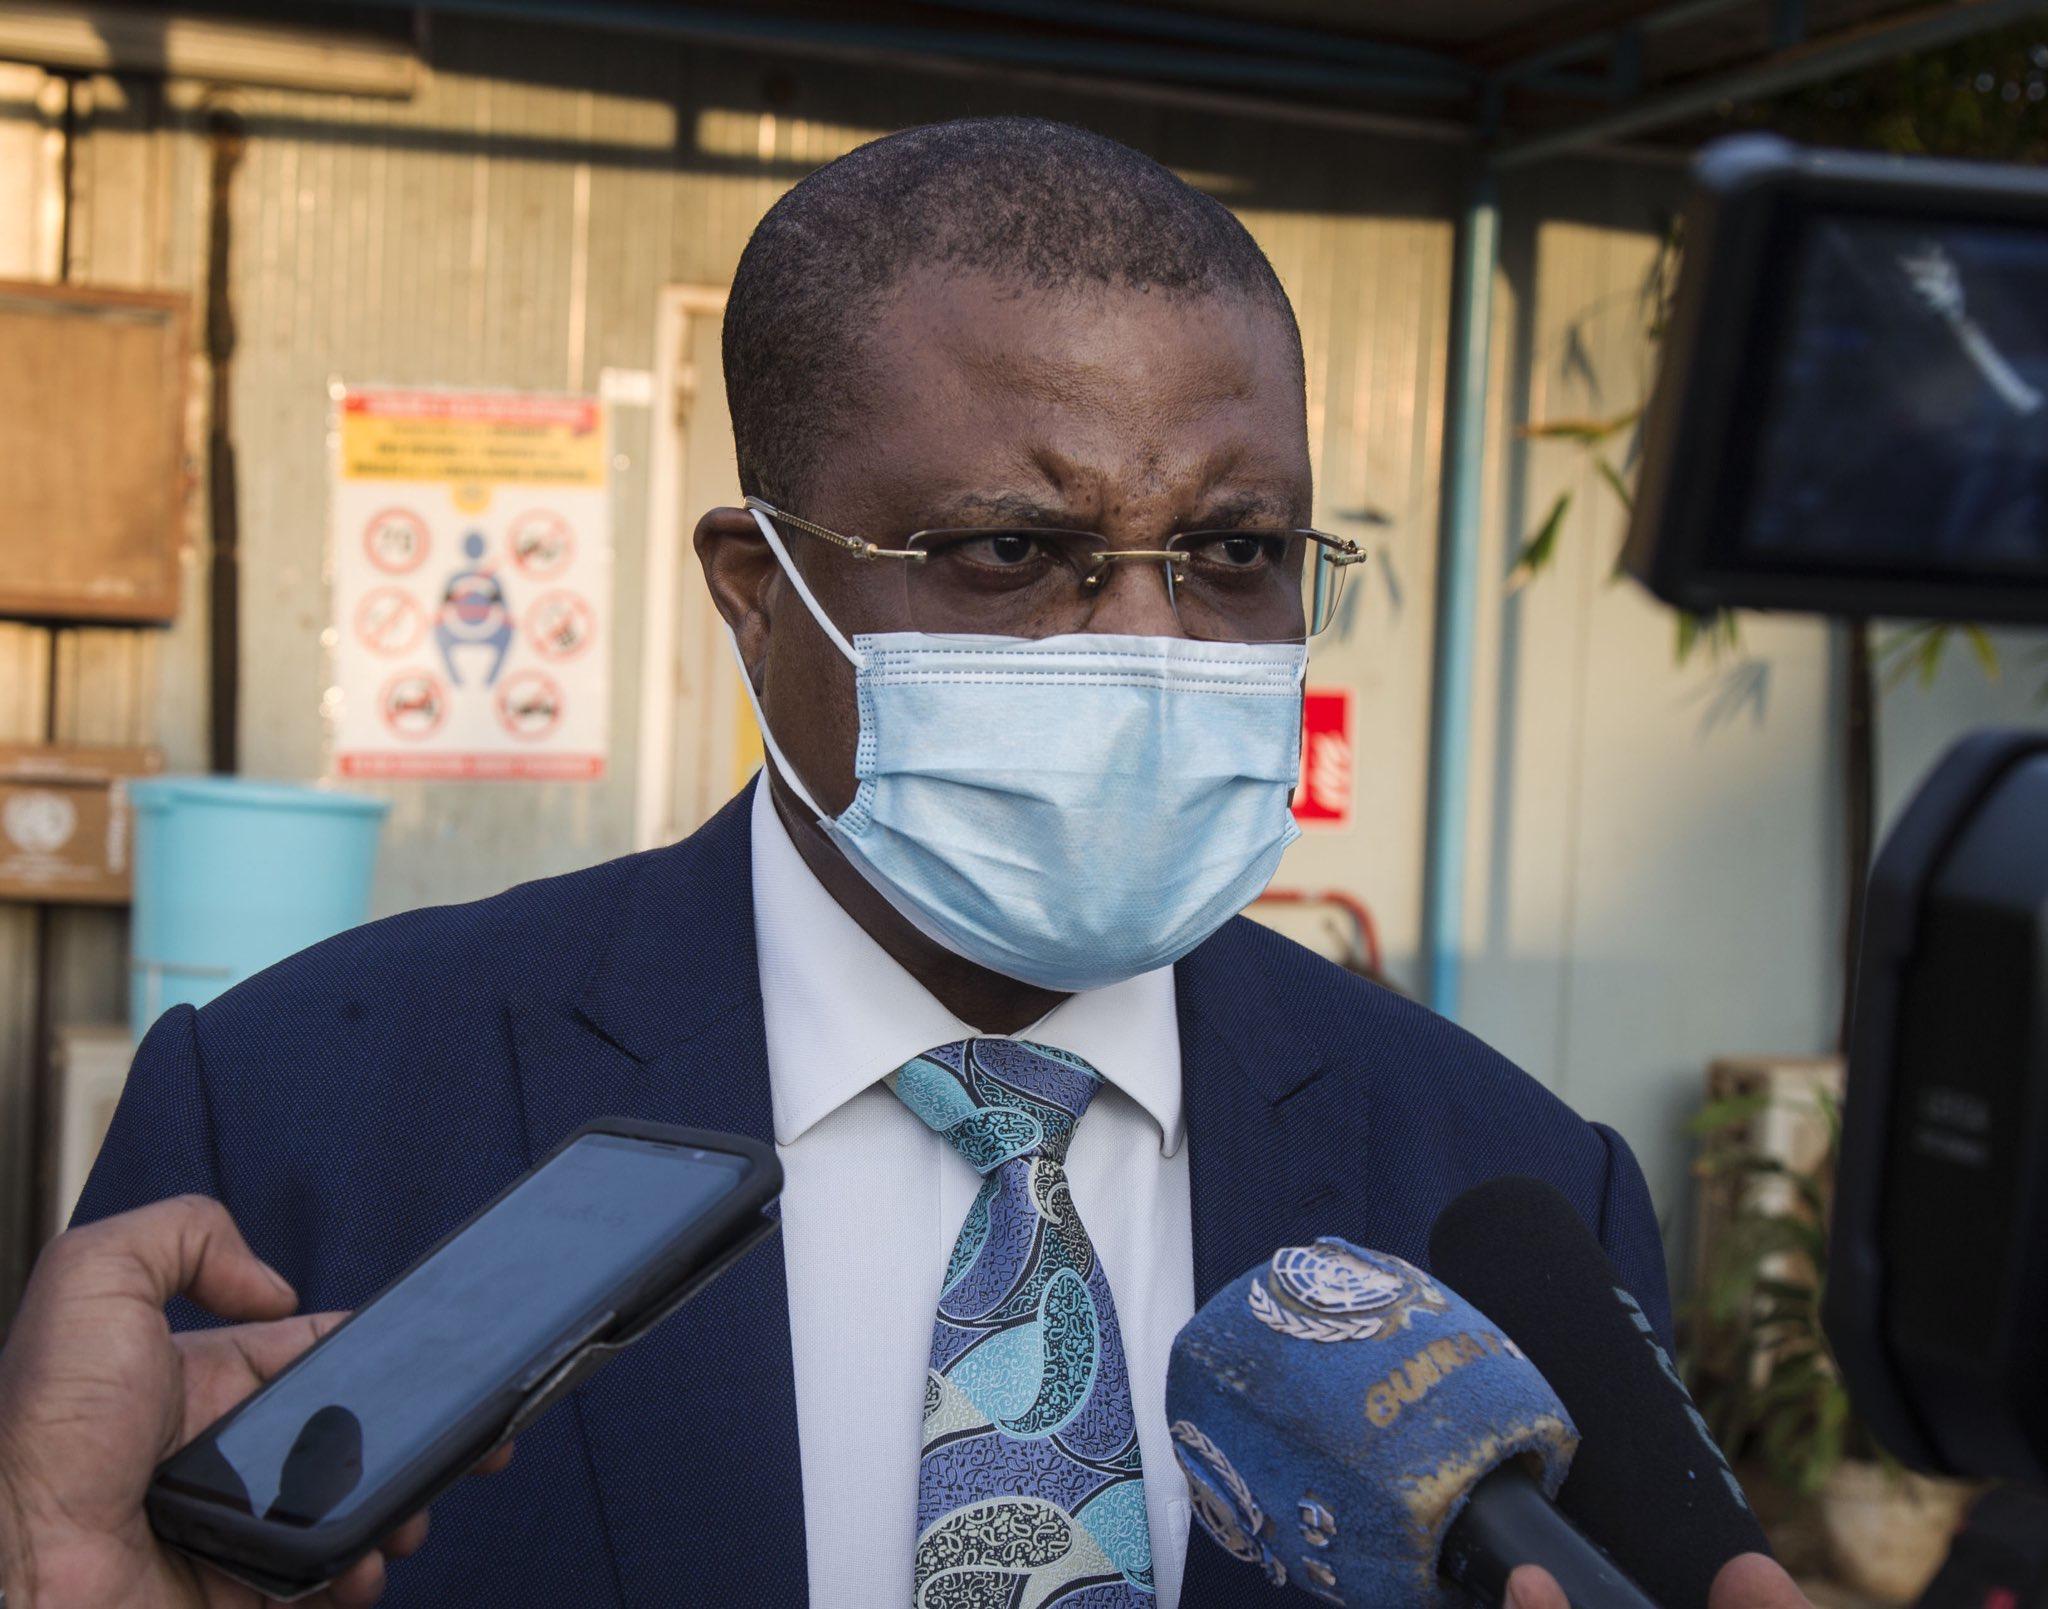 Élections en Centrafrique : L'opposition évoque « de la fraude » et exige la reprise du scrutin.